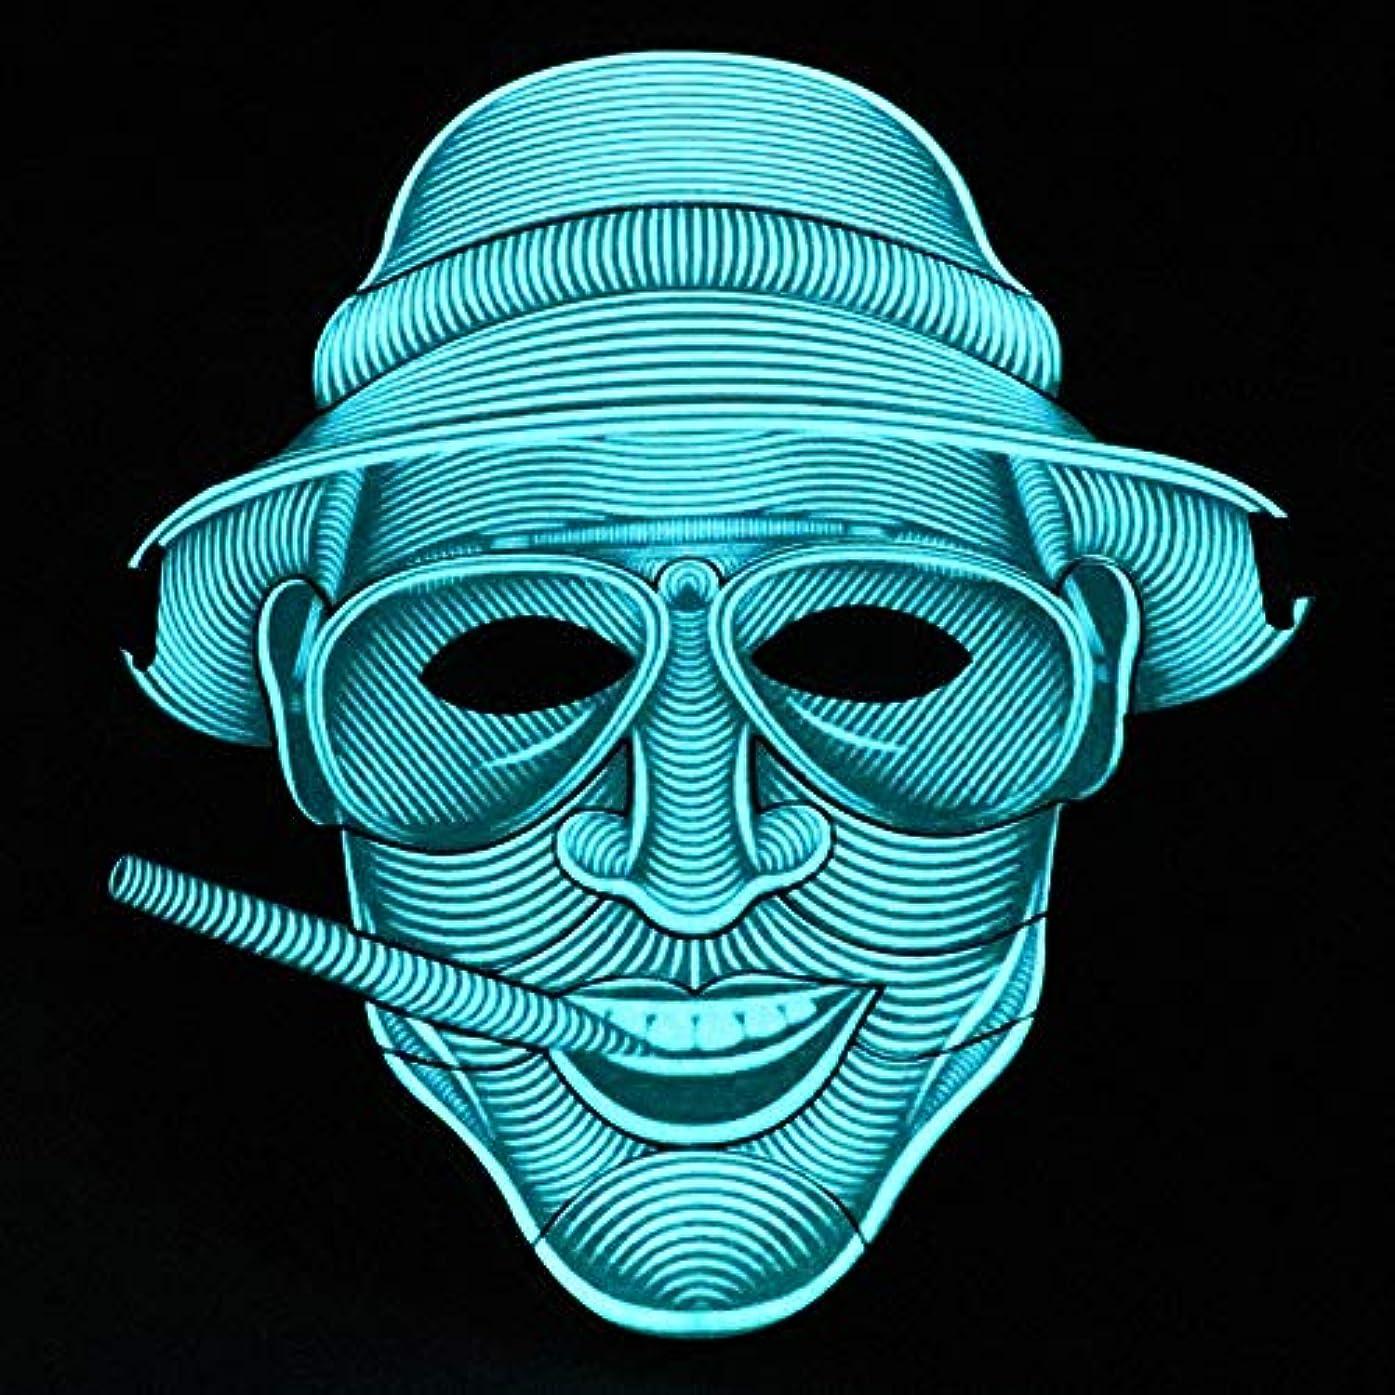 接続異なるそんなに照らされたマスクLED創造的な冷光音響制御マスクハロウィンバーフェスティバルダンスマスク (Color : #19)